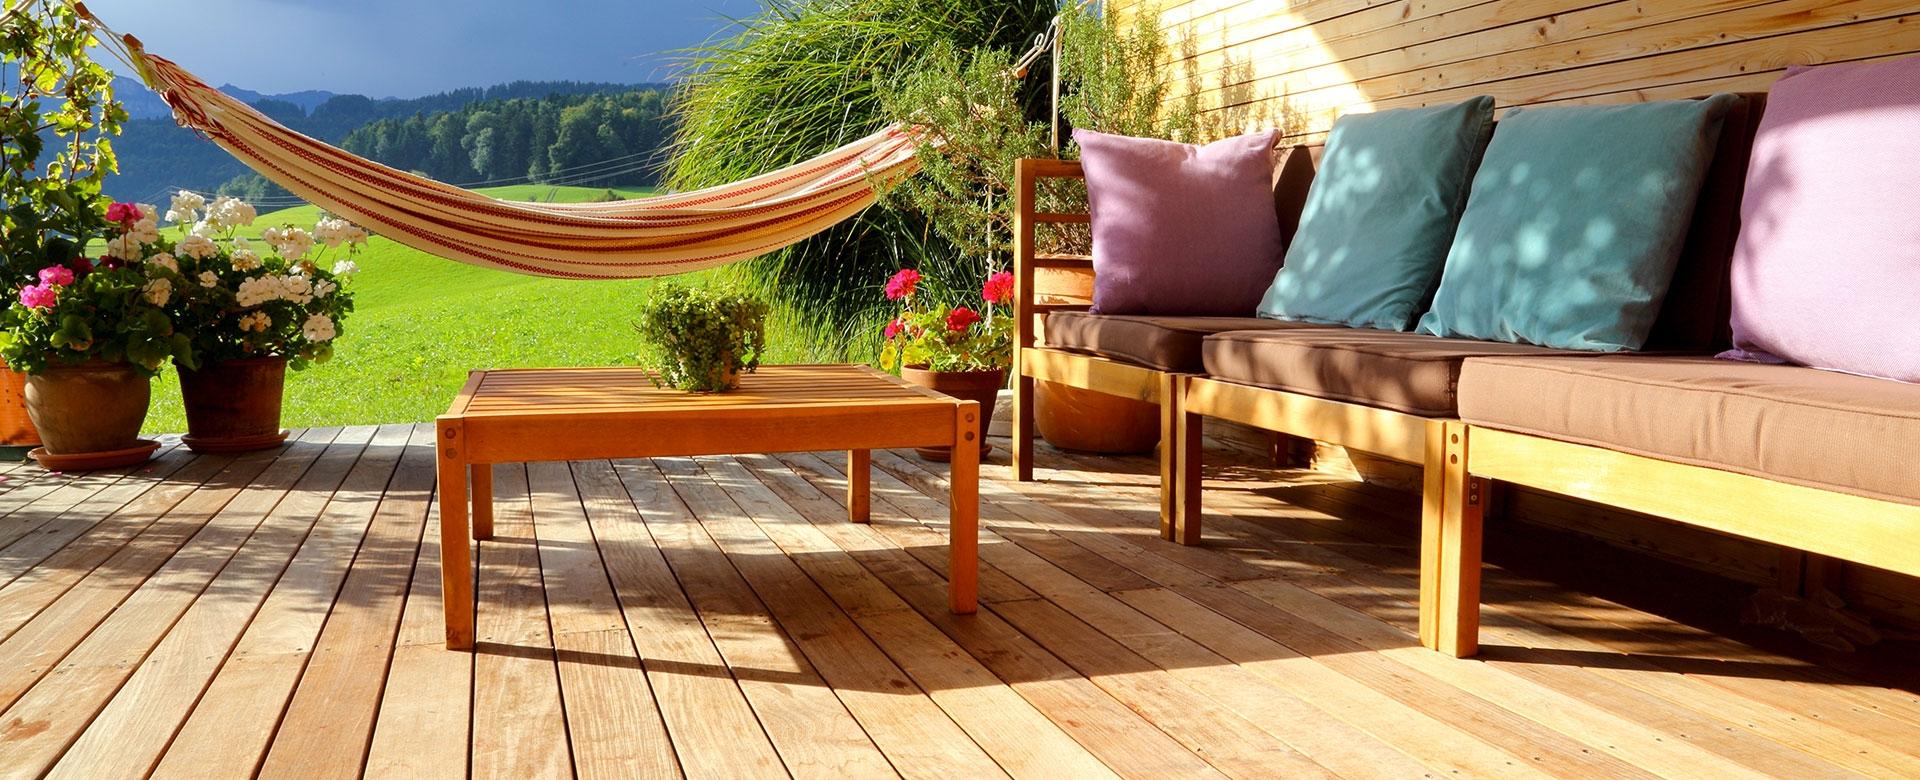 peinture lasure bois syntilor produit d 39 entretien du bois. Black Bedroom Furniture Sets. Home Design Ideas